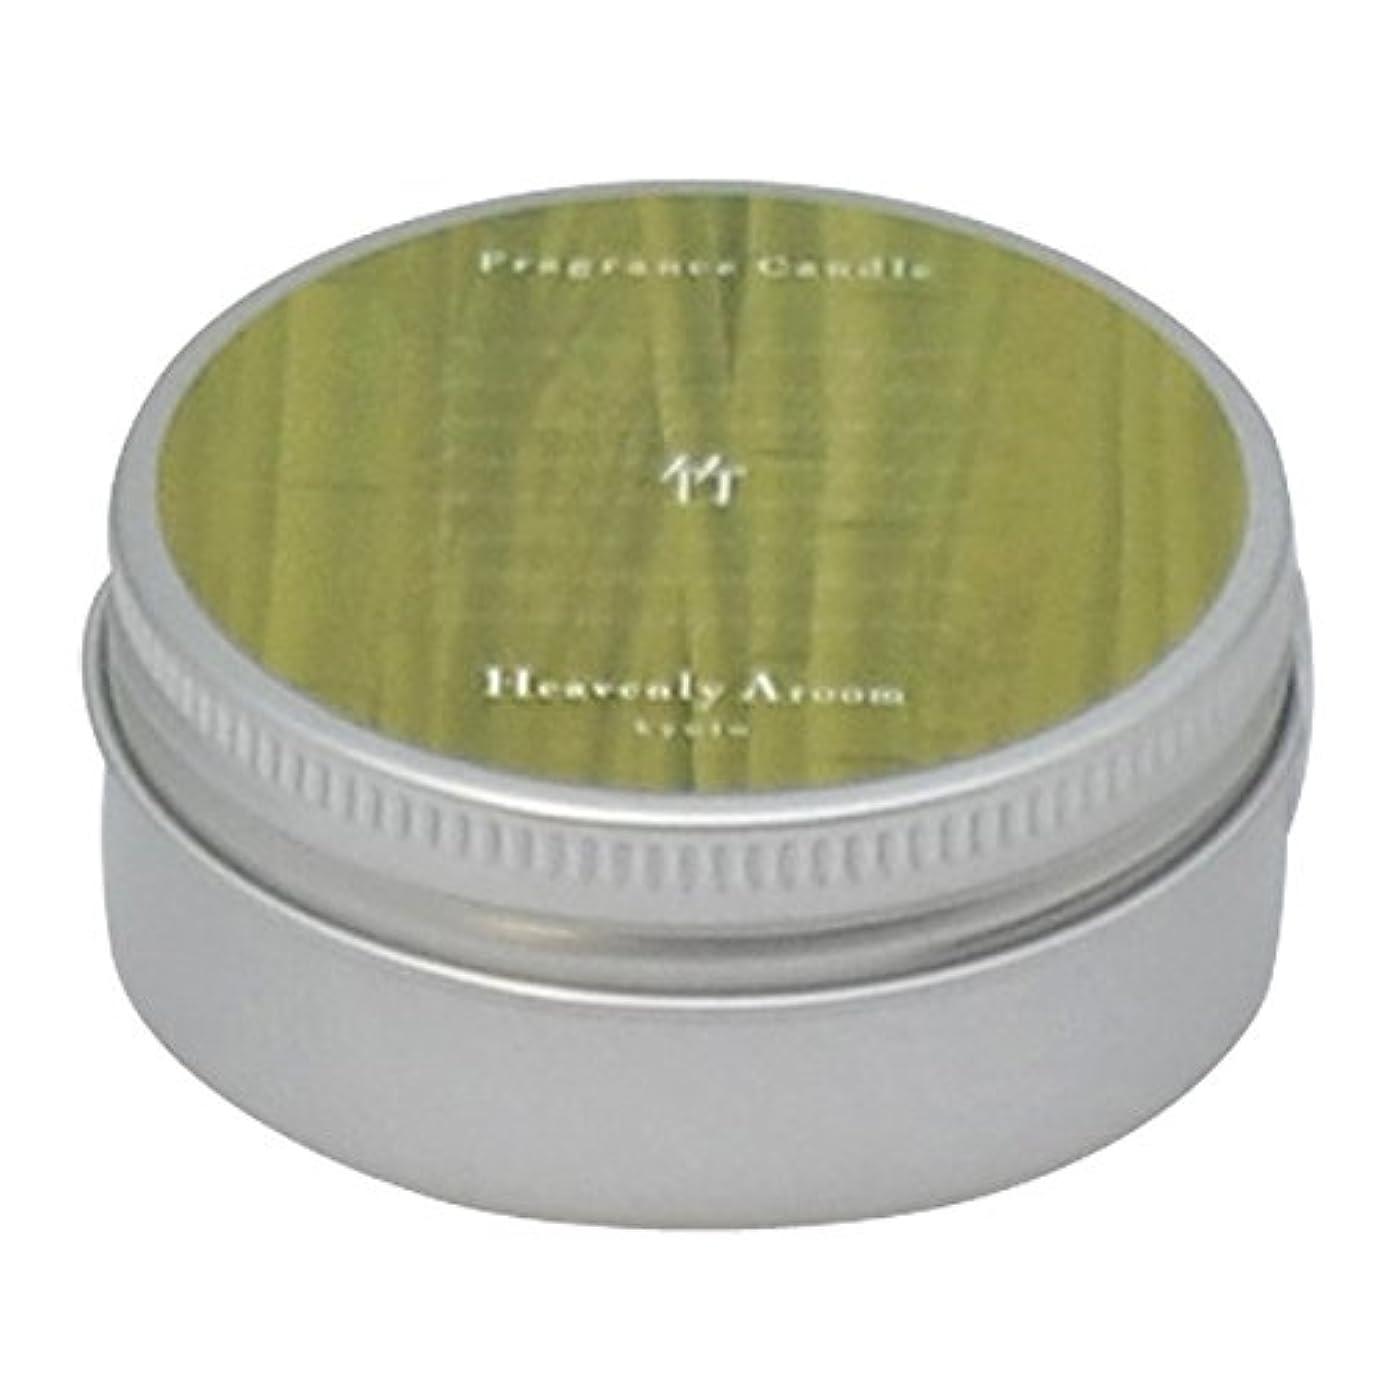 マラウイトライアスリートシネマHeavenly Aroom フレグランスキャンドル トラベルタイプ 竹 30g